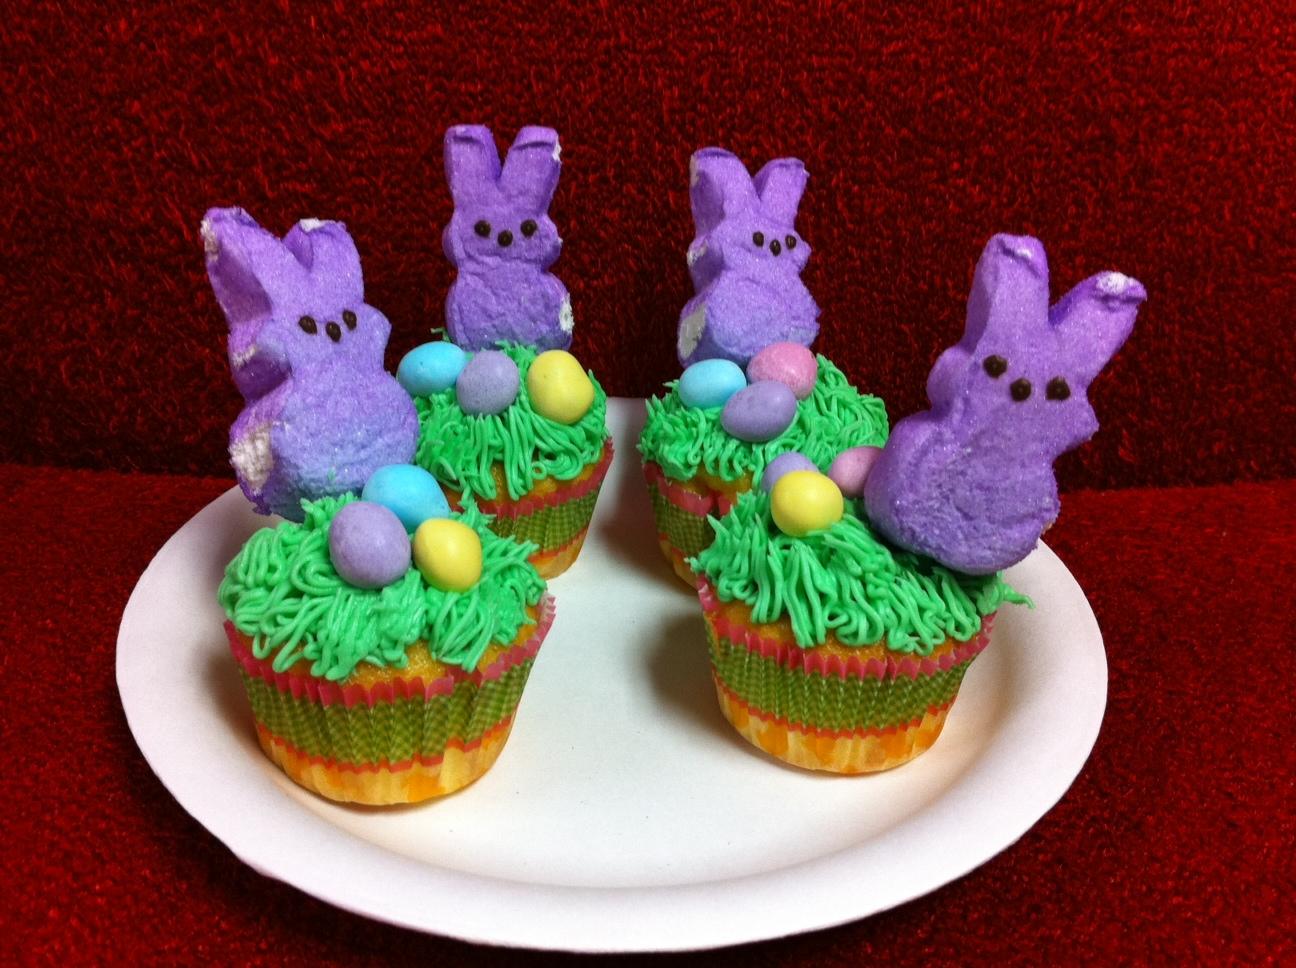 Easter Cakes Betty Crocker